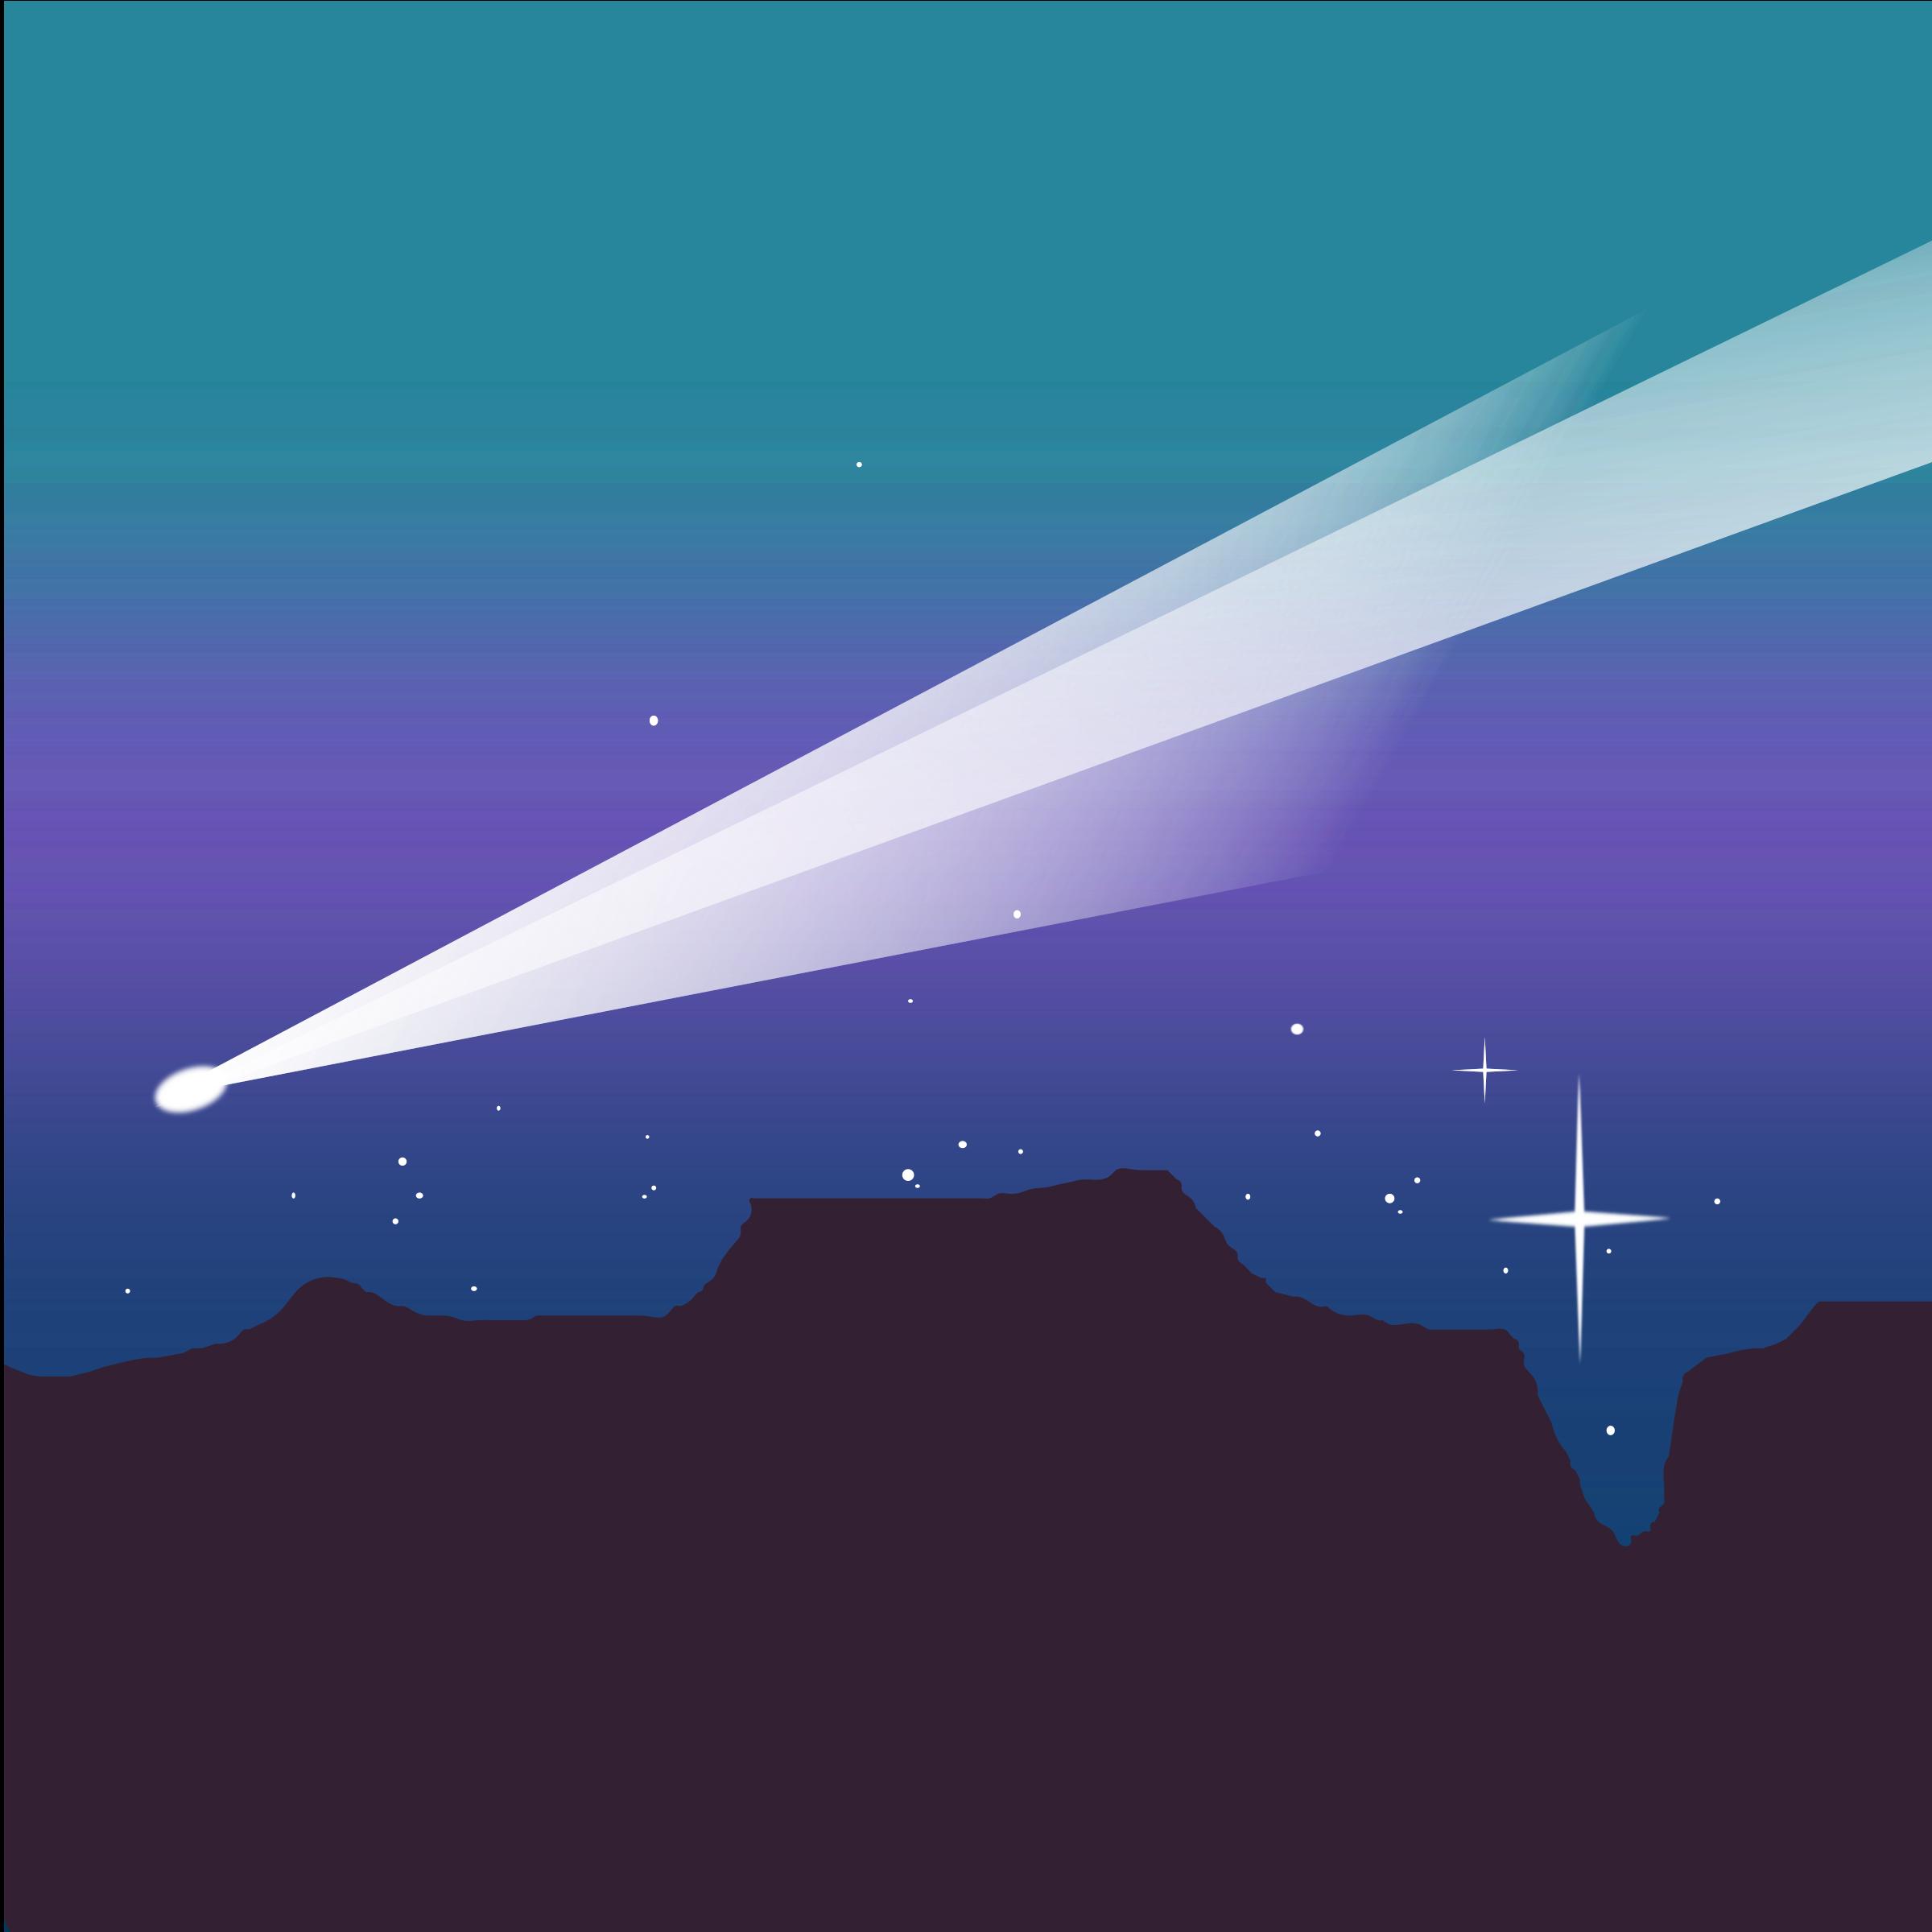 Comet clipart comet space. Desert big image png